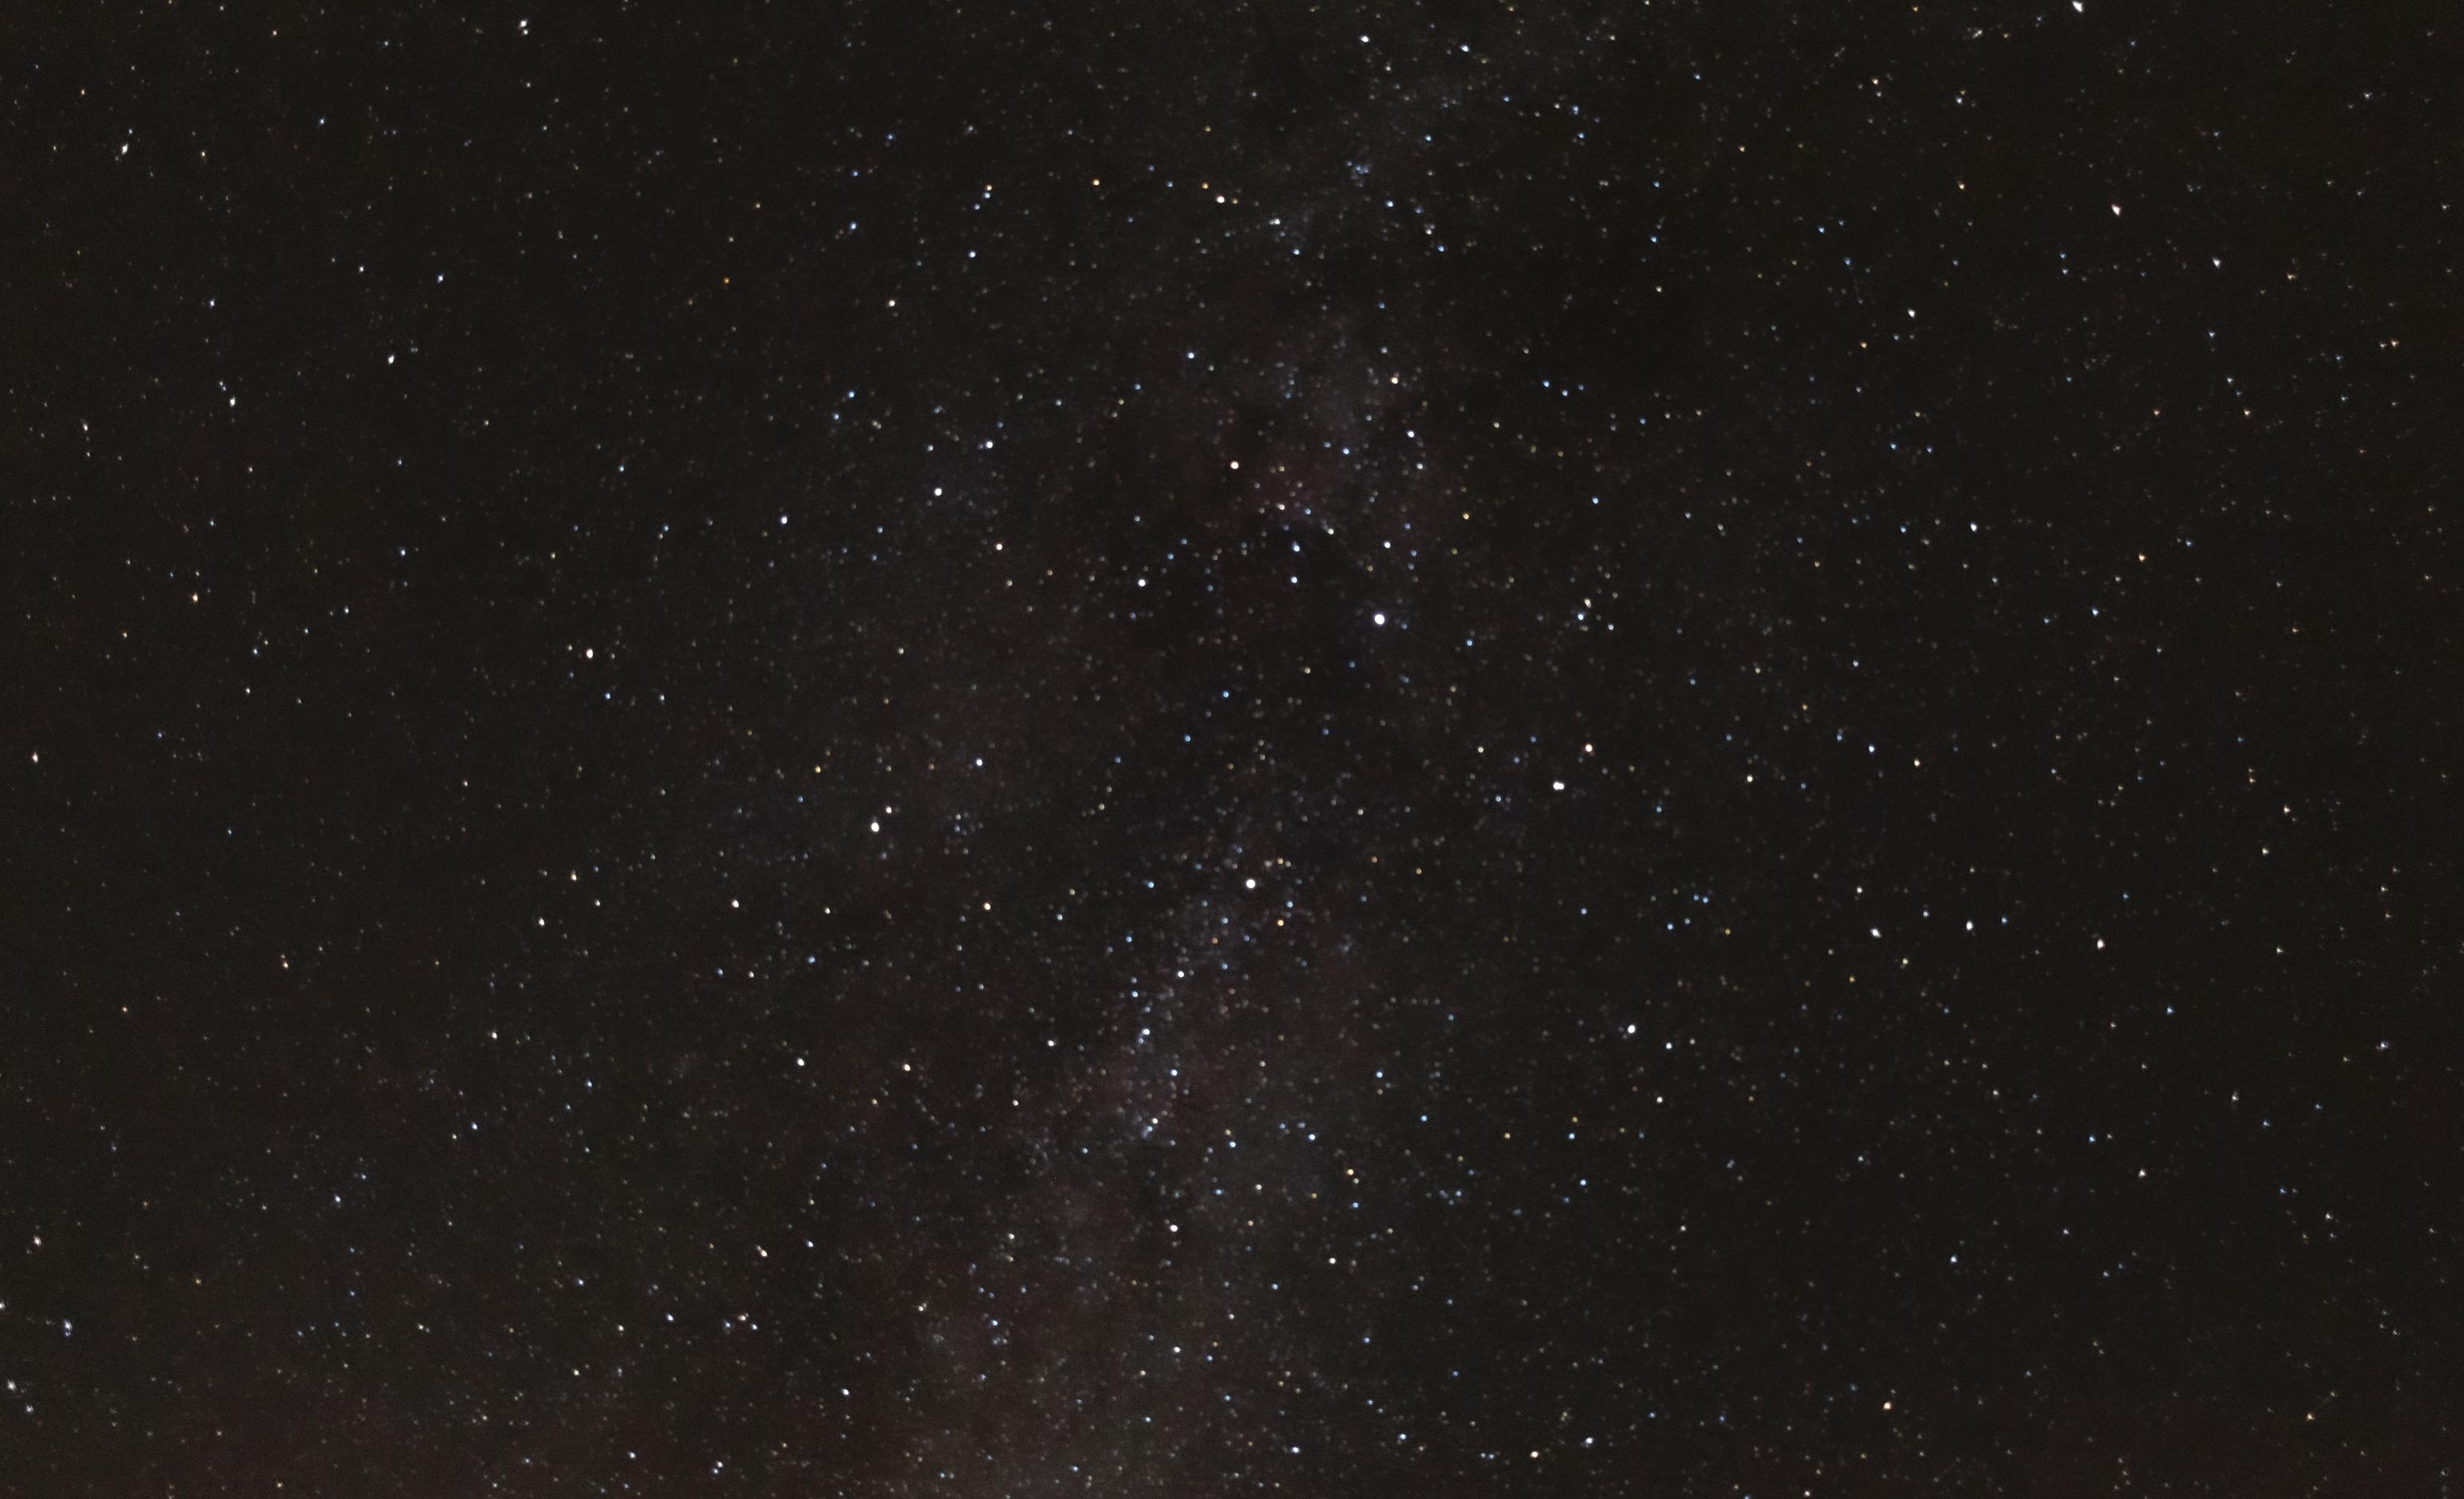 Milky Way - Sept 2020 # 3